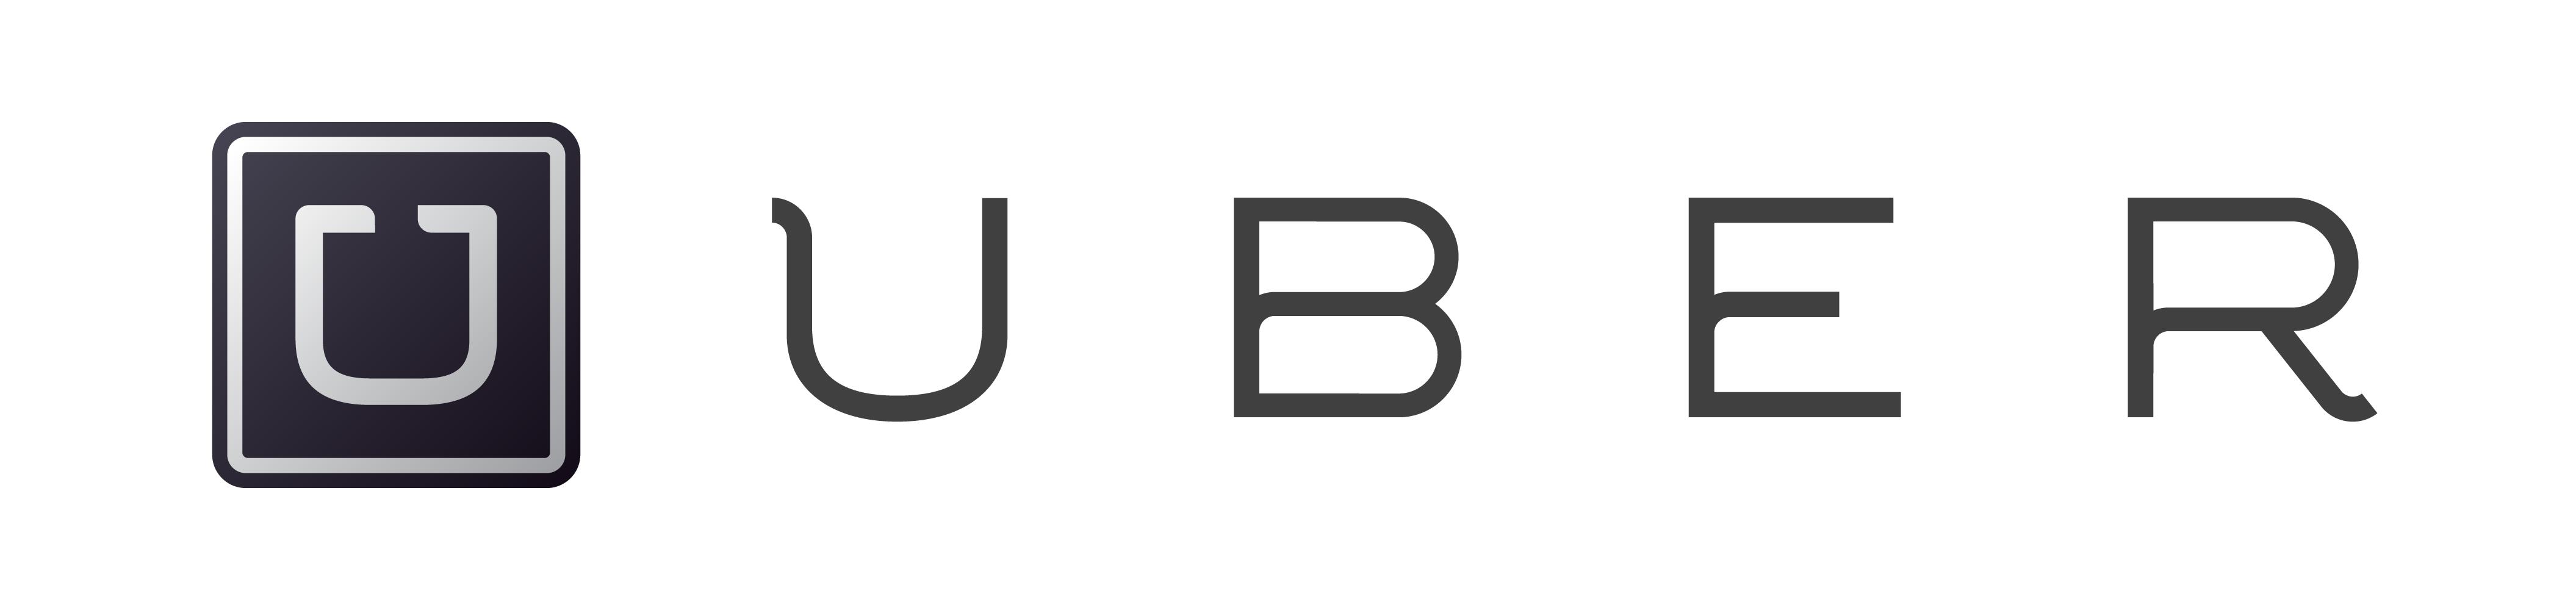 Alle 3 Uber kortingscodes geldig in augustus 2019